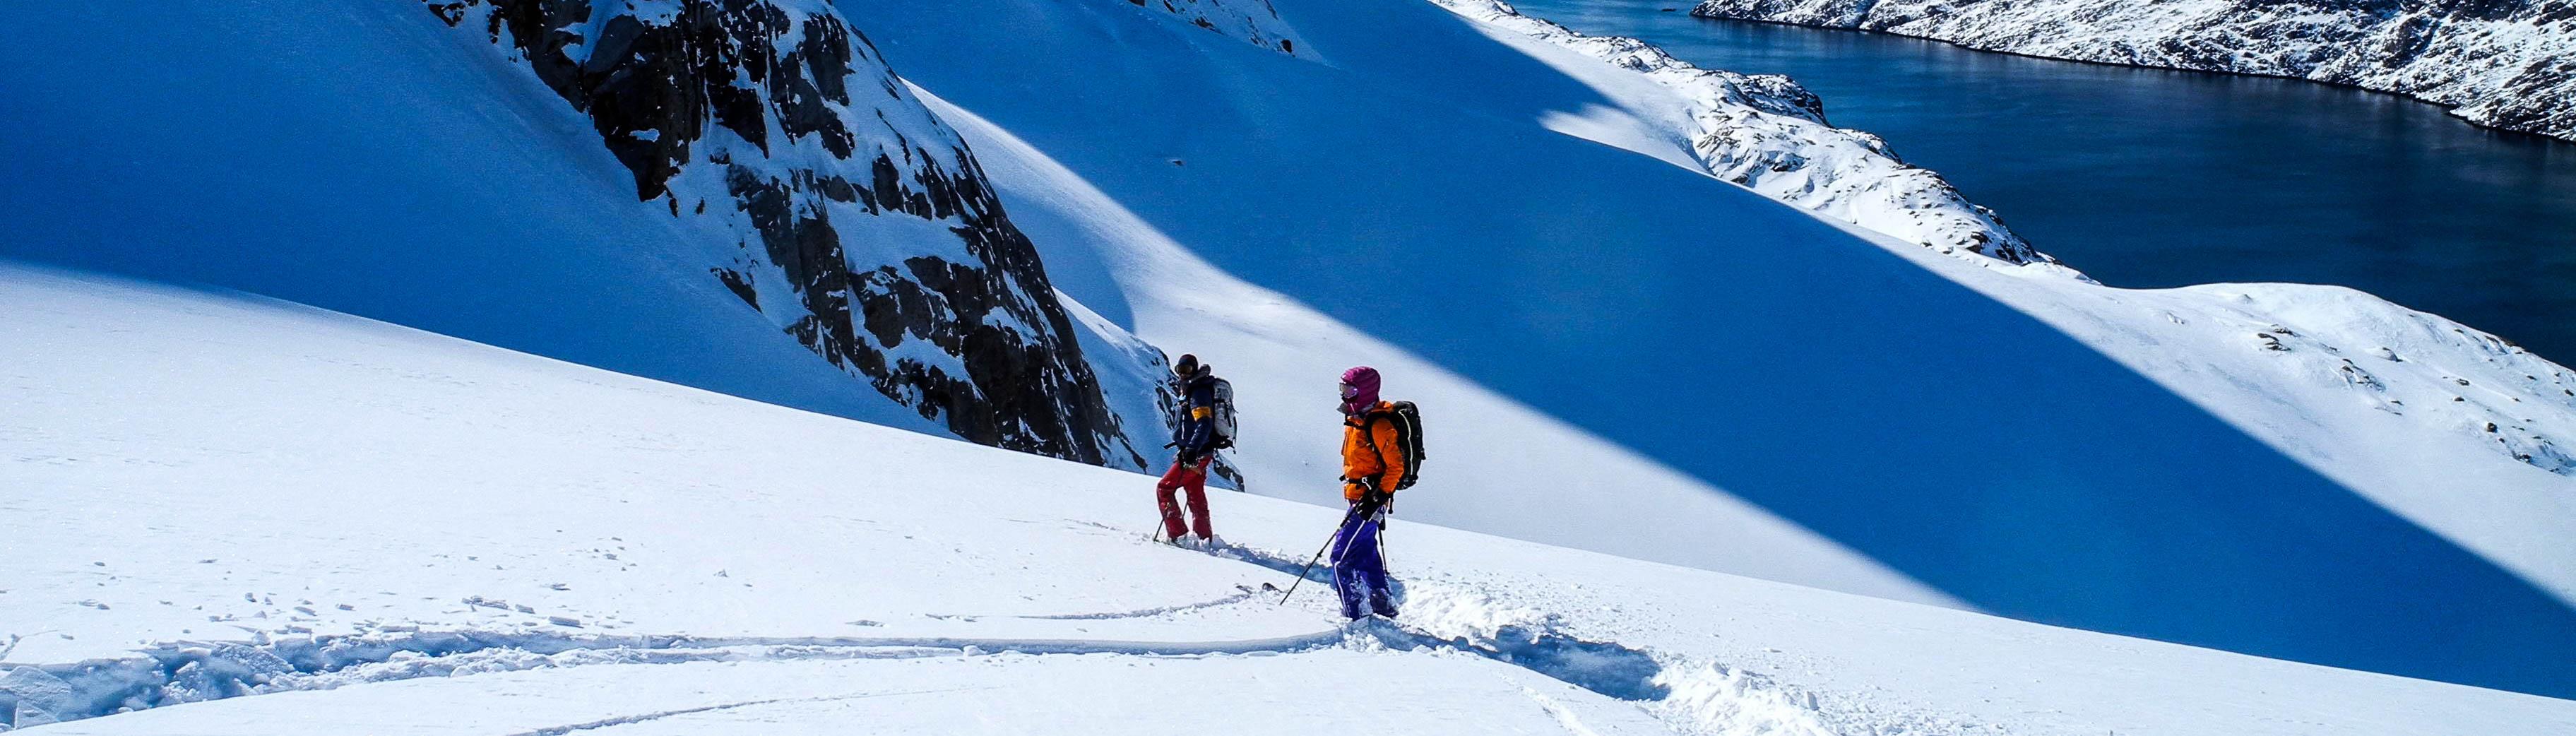 Grönland Skitouren vom Schiff